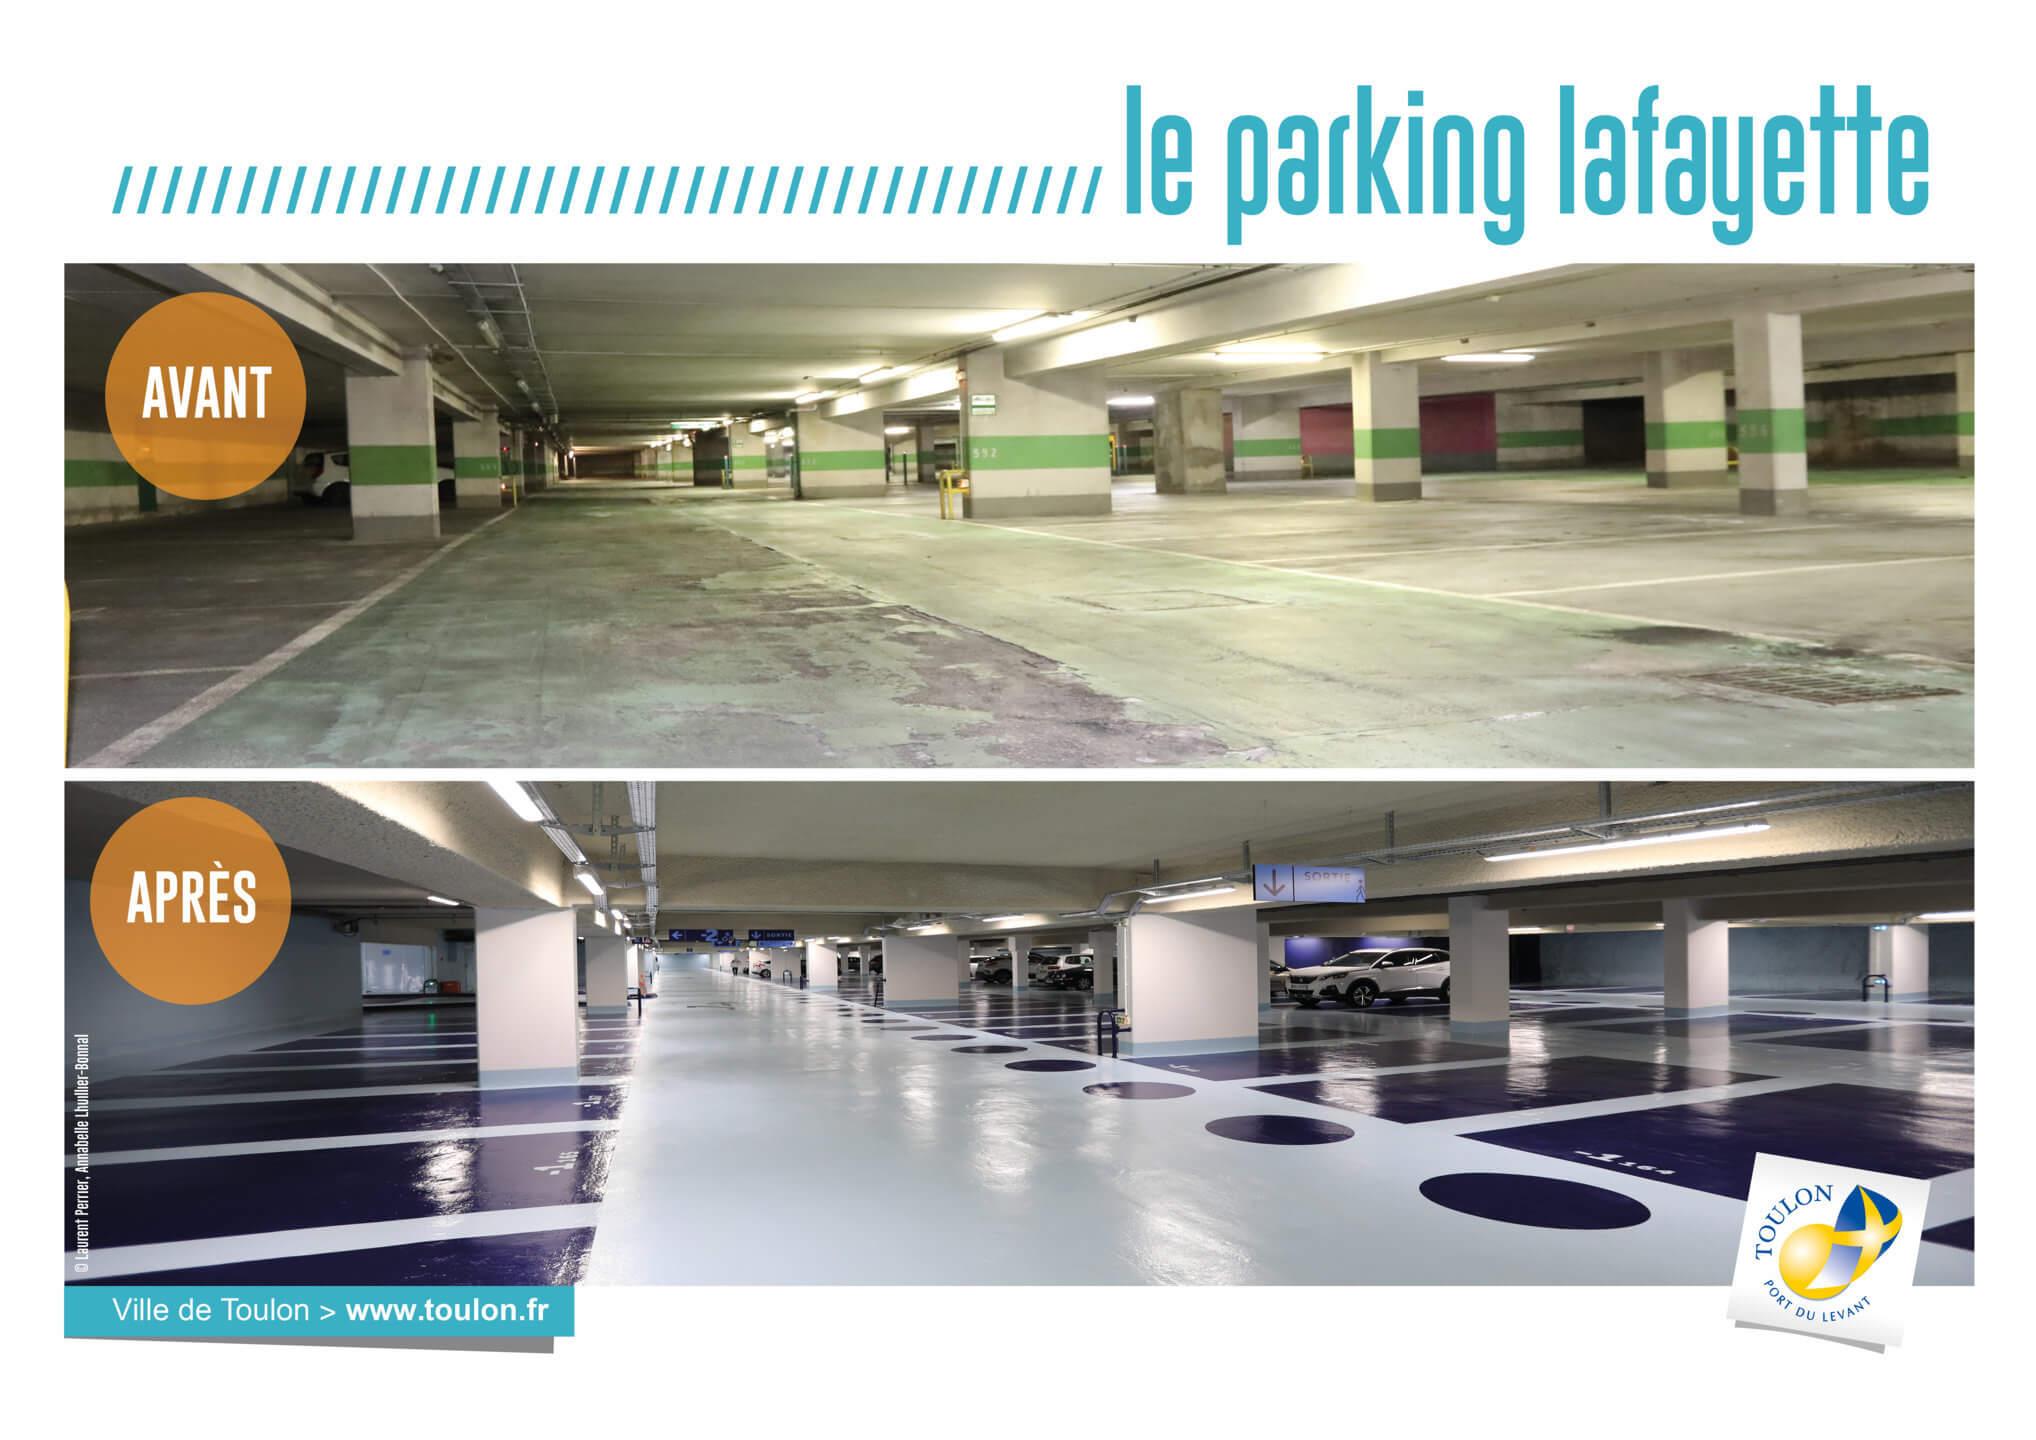 Le parking lafayette